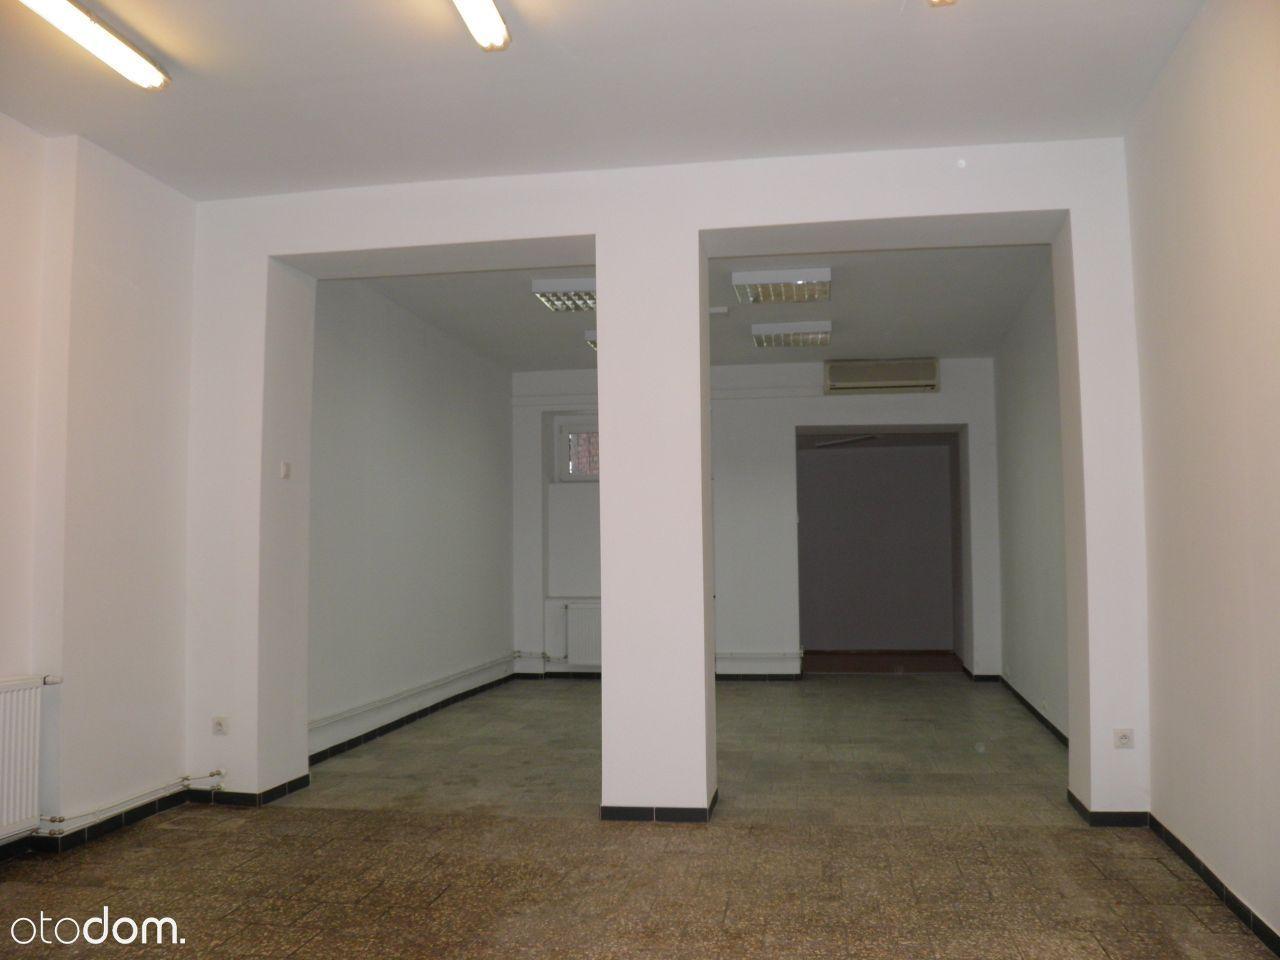 Lokal użytkowy na sprzedaż, Bytom, śląskie - Foto 1